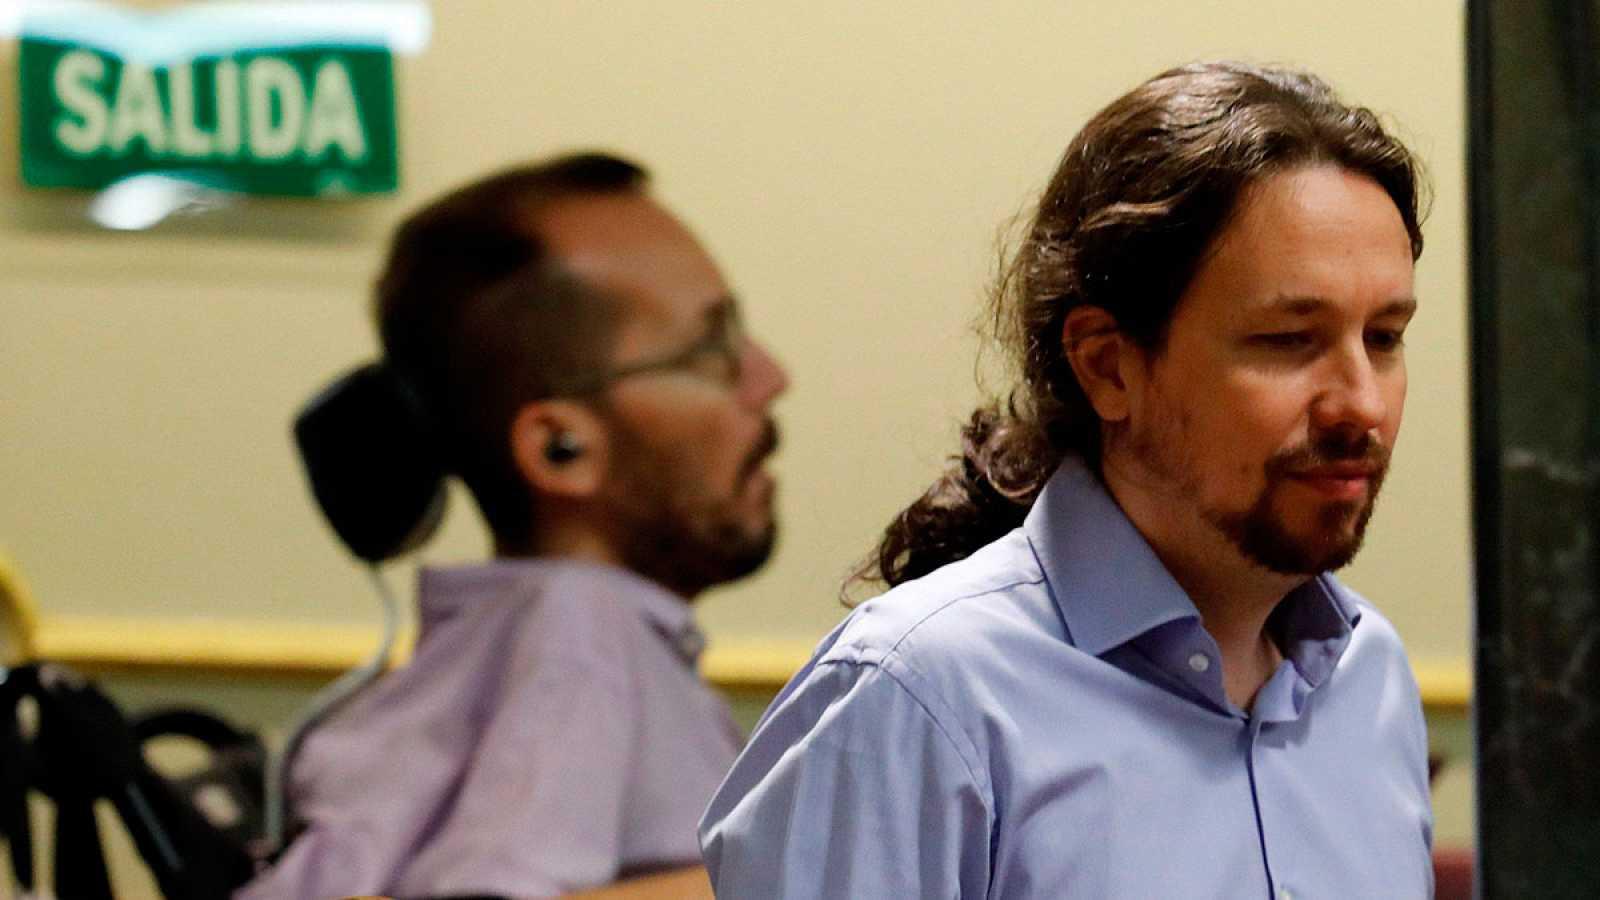 El PSOE da por concluida la negociación con Podemos y espera una respuesta